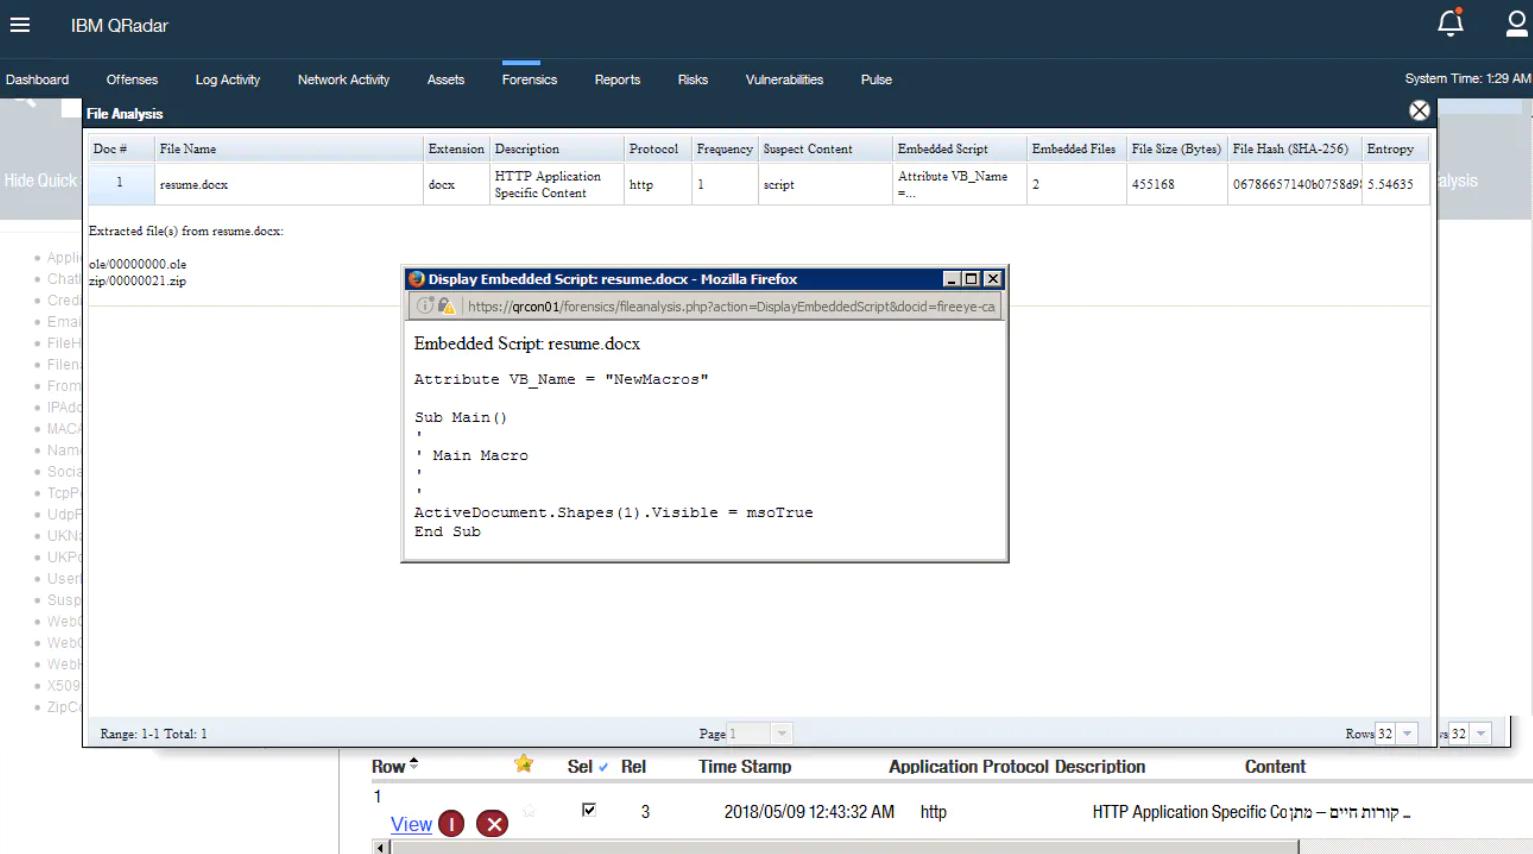 IBM QRadar Incident Forensics file details